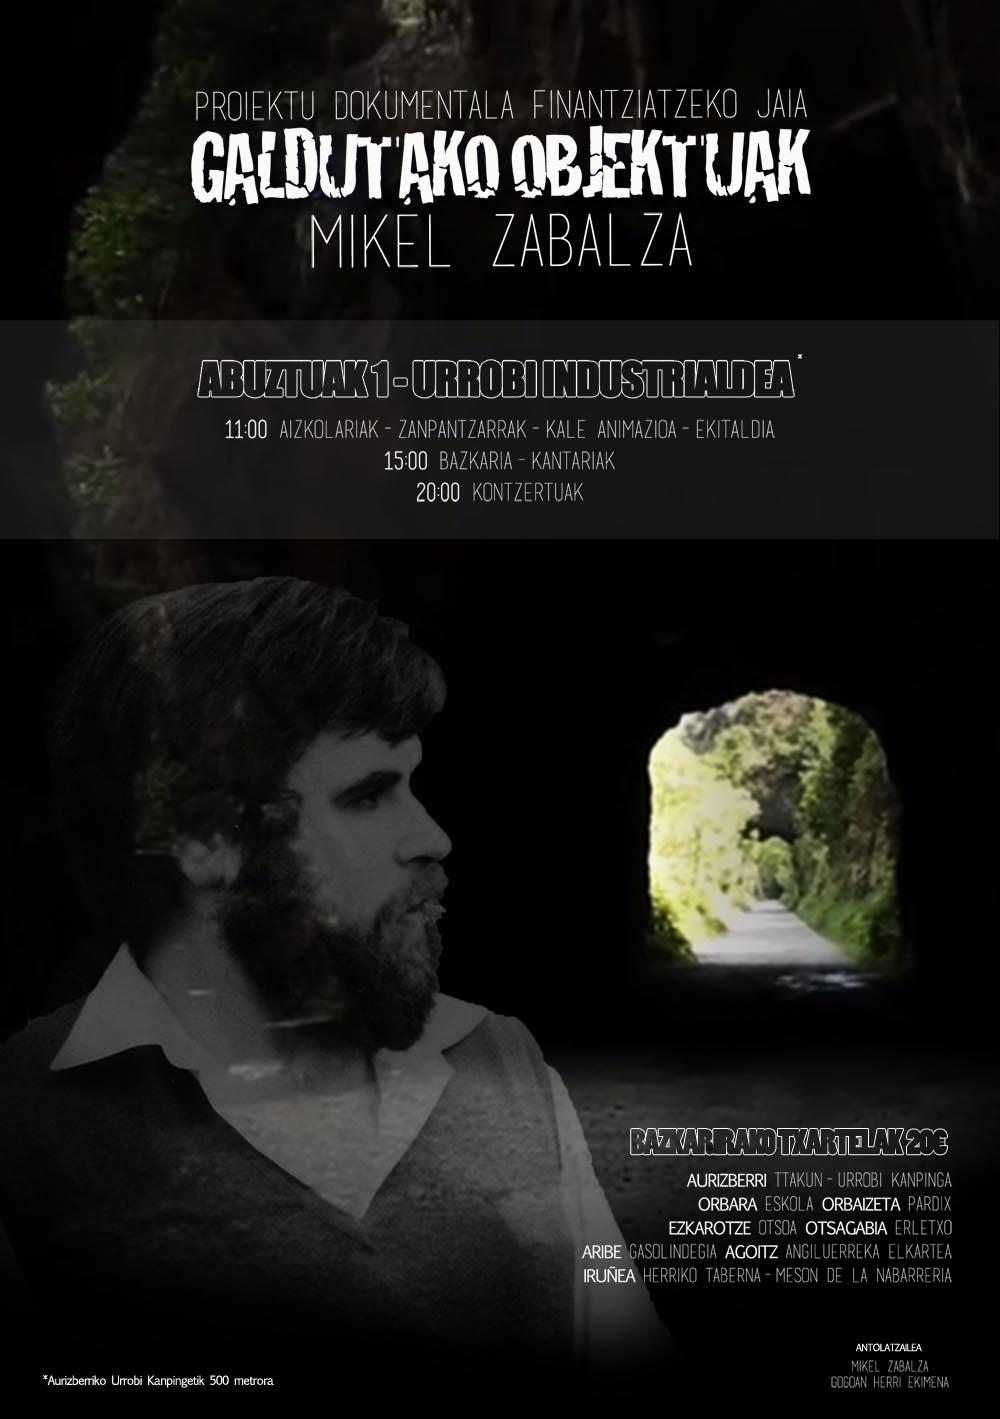 MIKEL ZABALZA GOGOAN